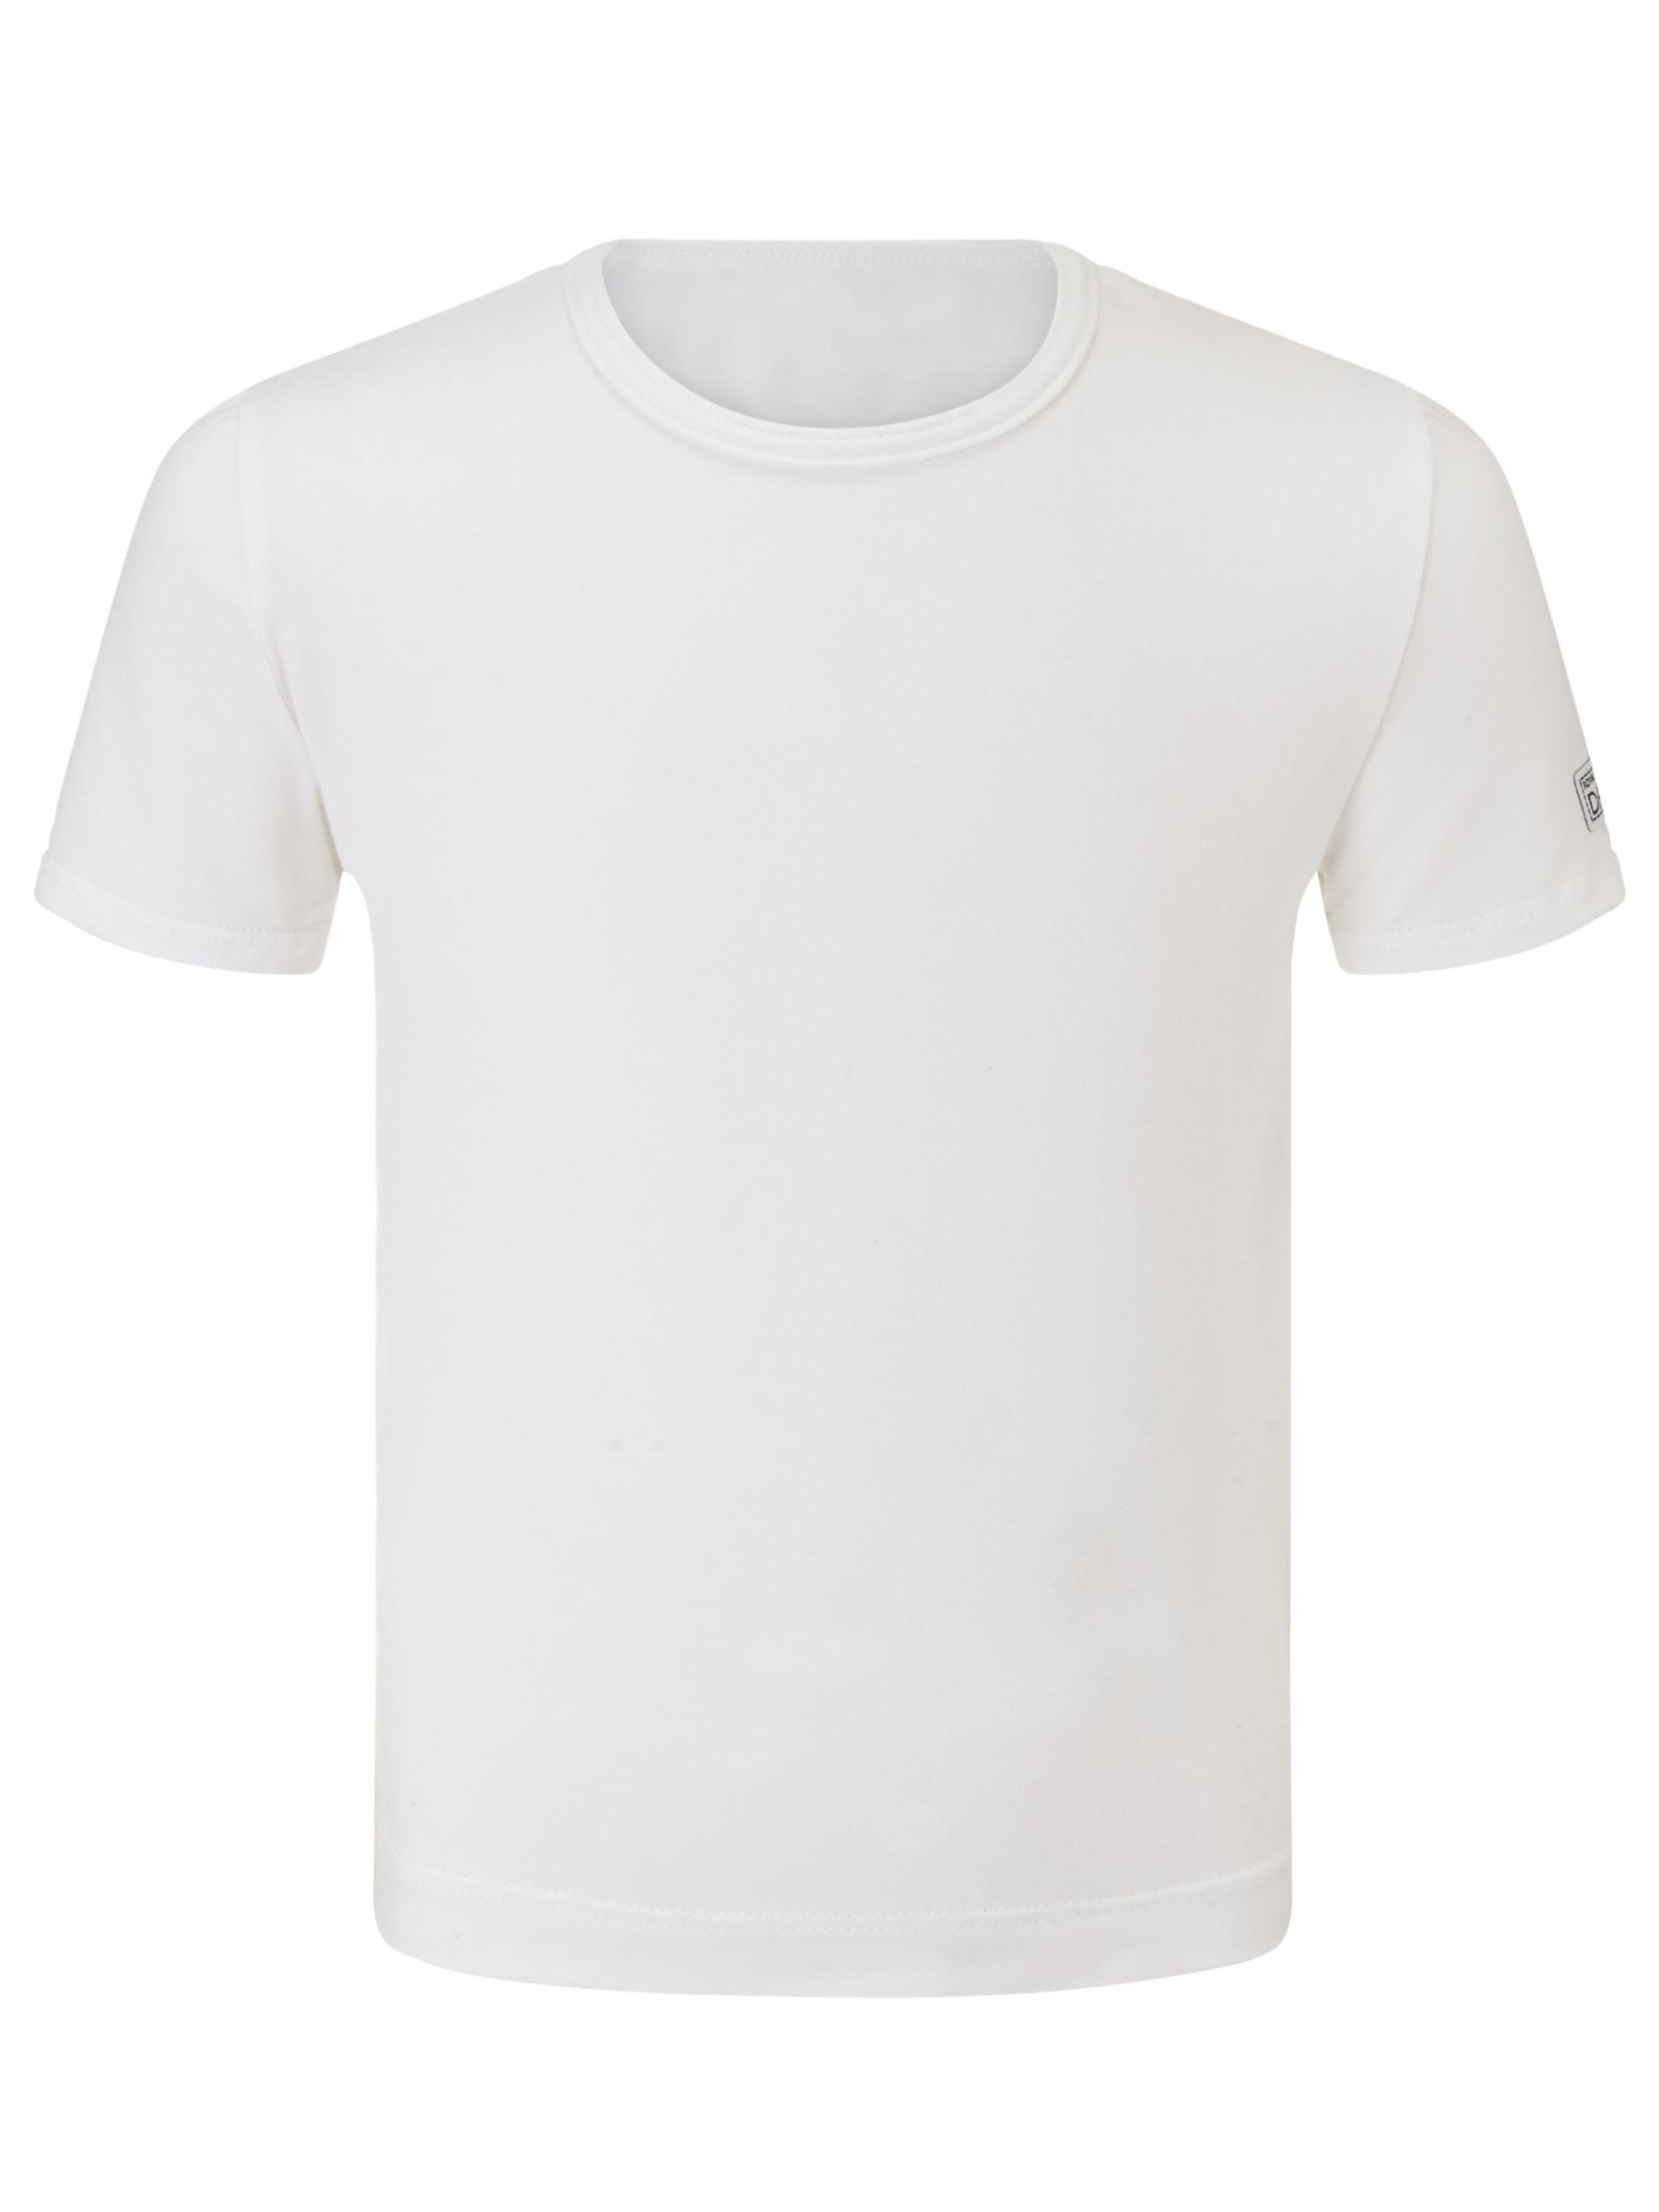 Royal Academy Of Dance Royal Academy Of Dance Boys' Short Sleeve Ballet T-Shirt, White